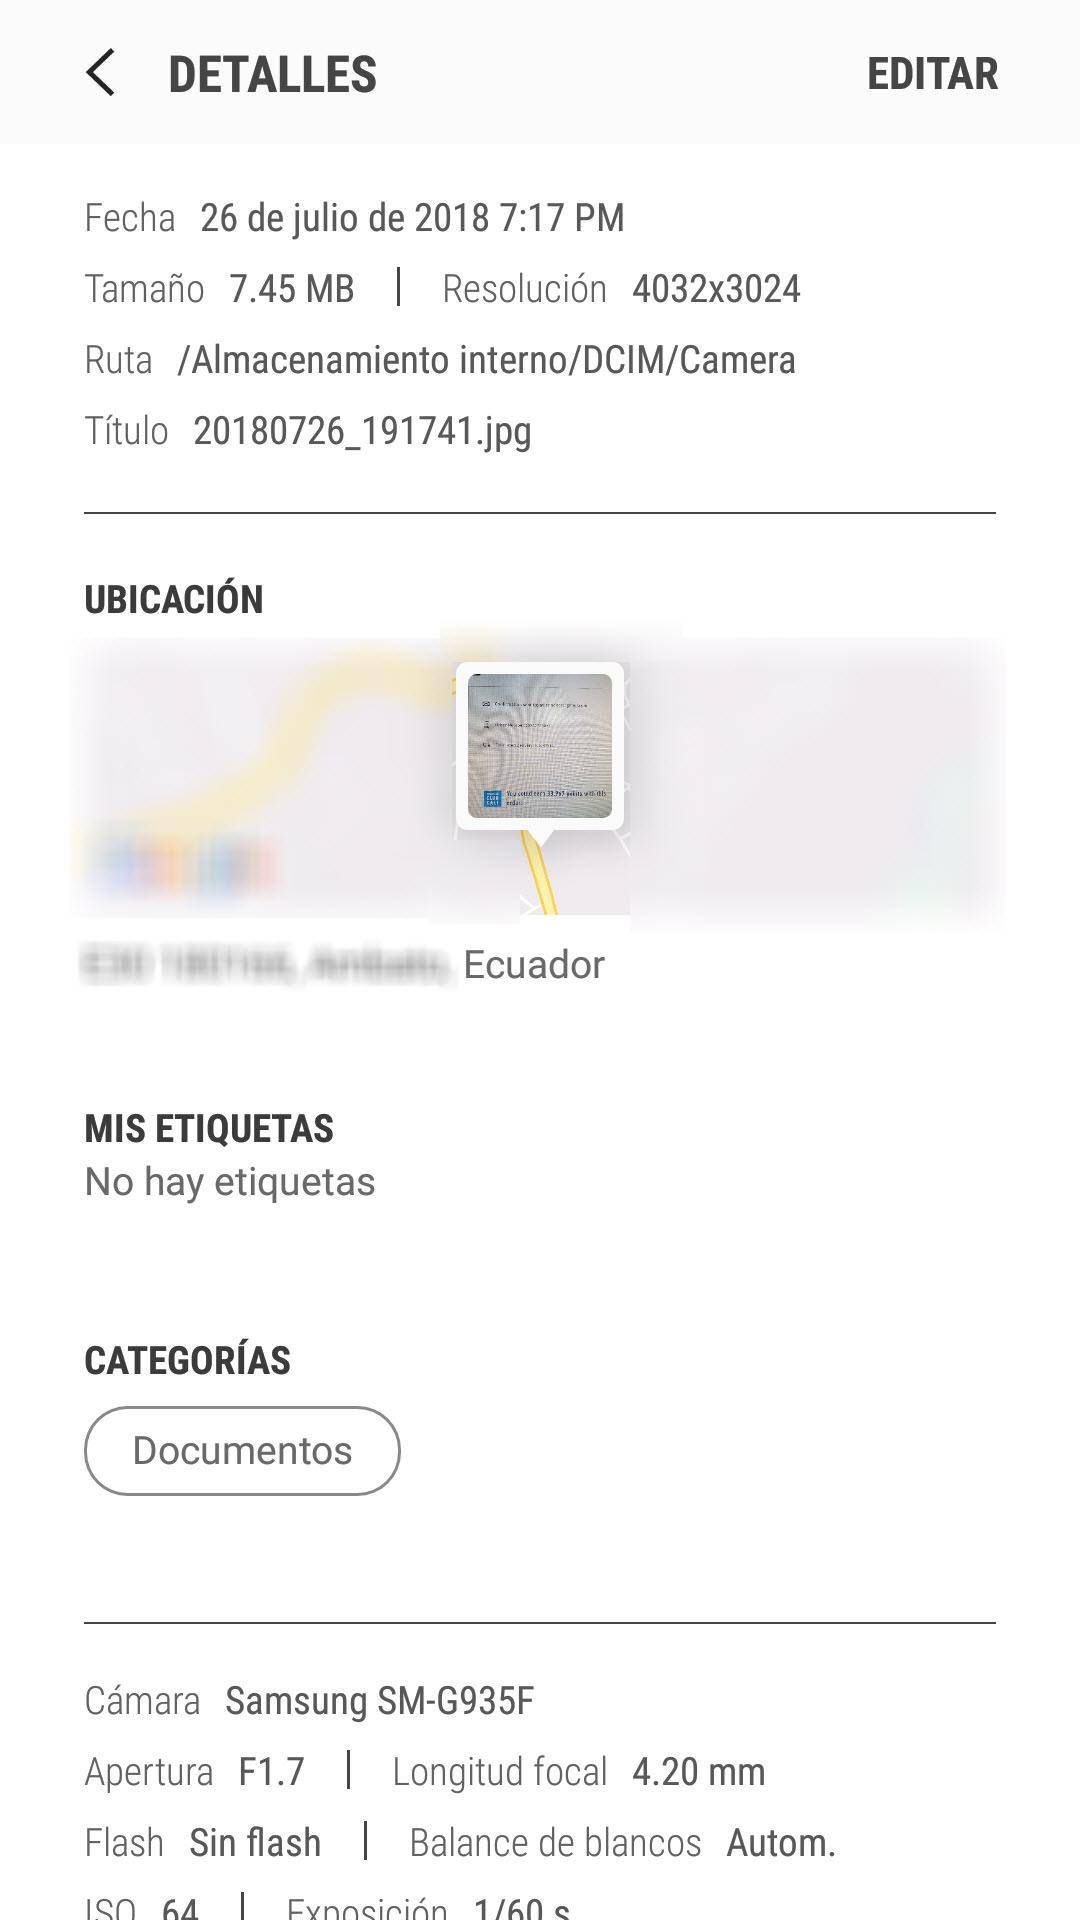 Cómo tomar fotos GEOREFERENCIADAS con tu celular Android (fotos con ubicación)